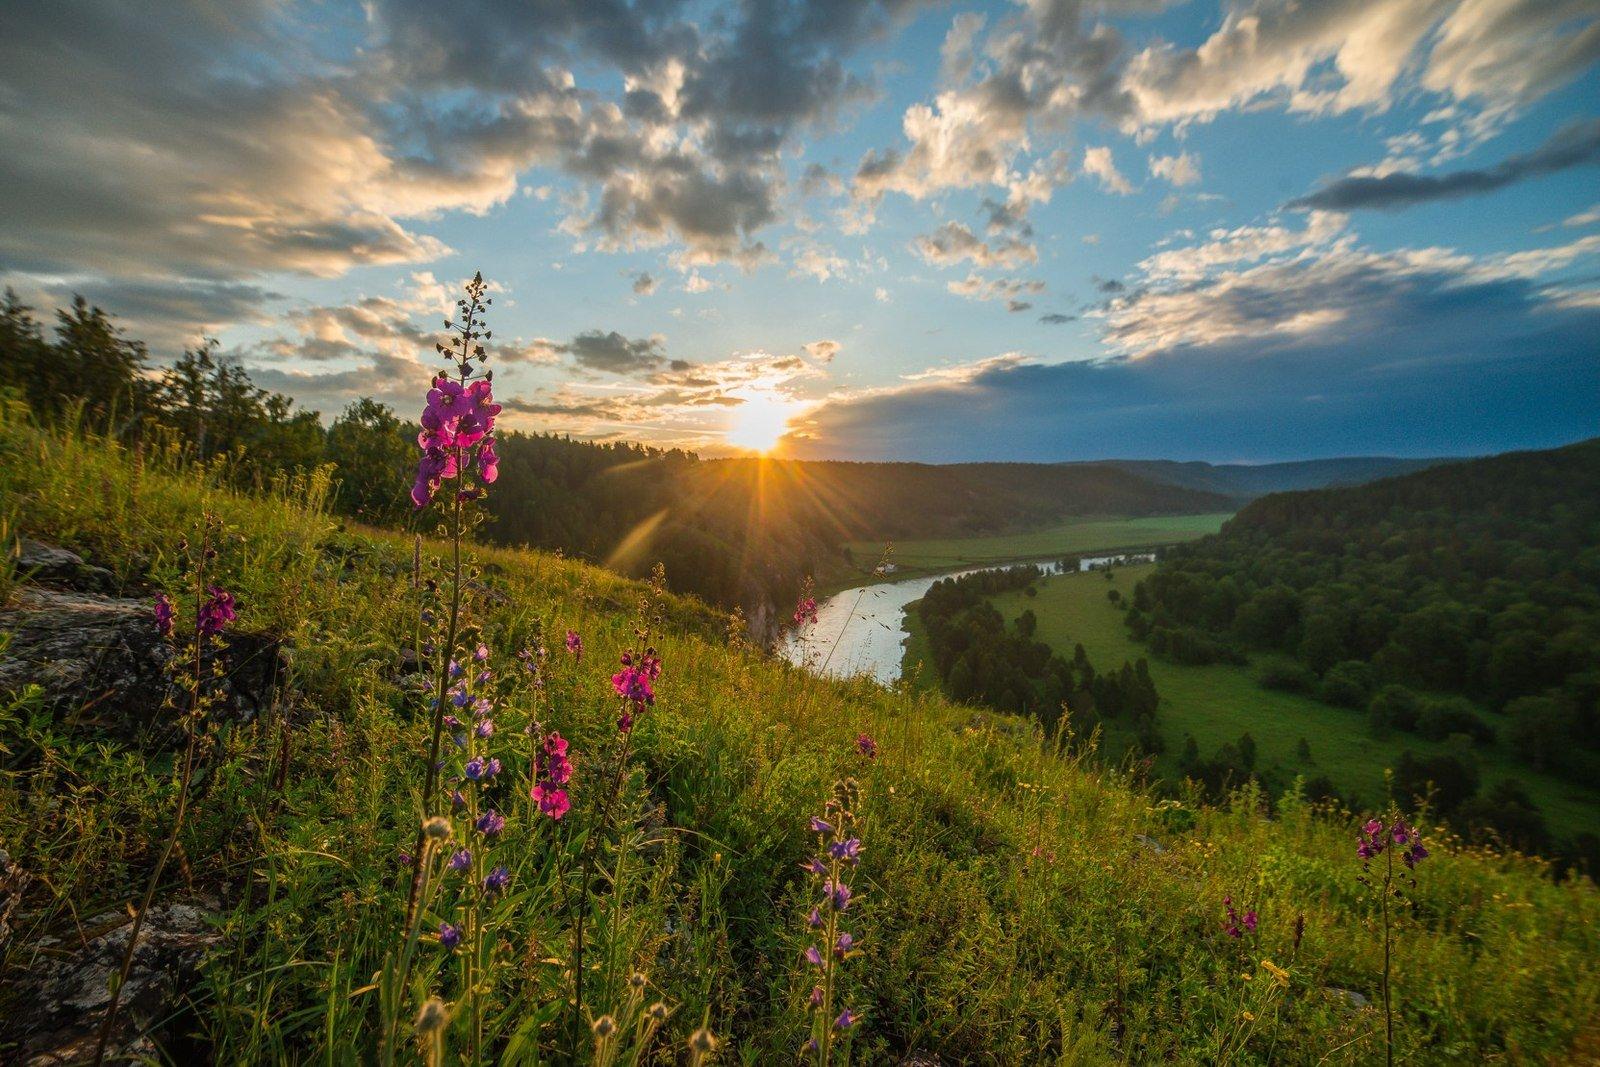 Достопримечательности Башкортостана — самоцветы Южного Урала